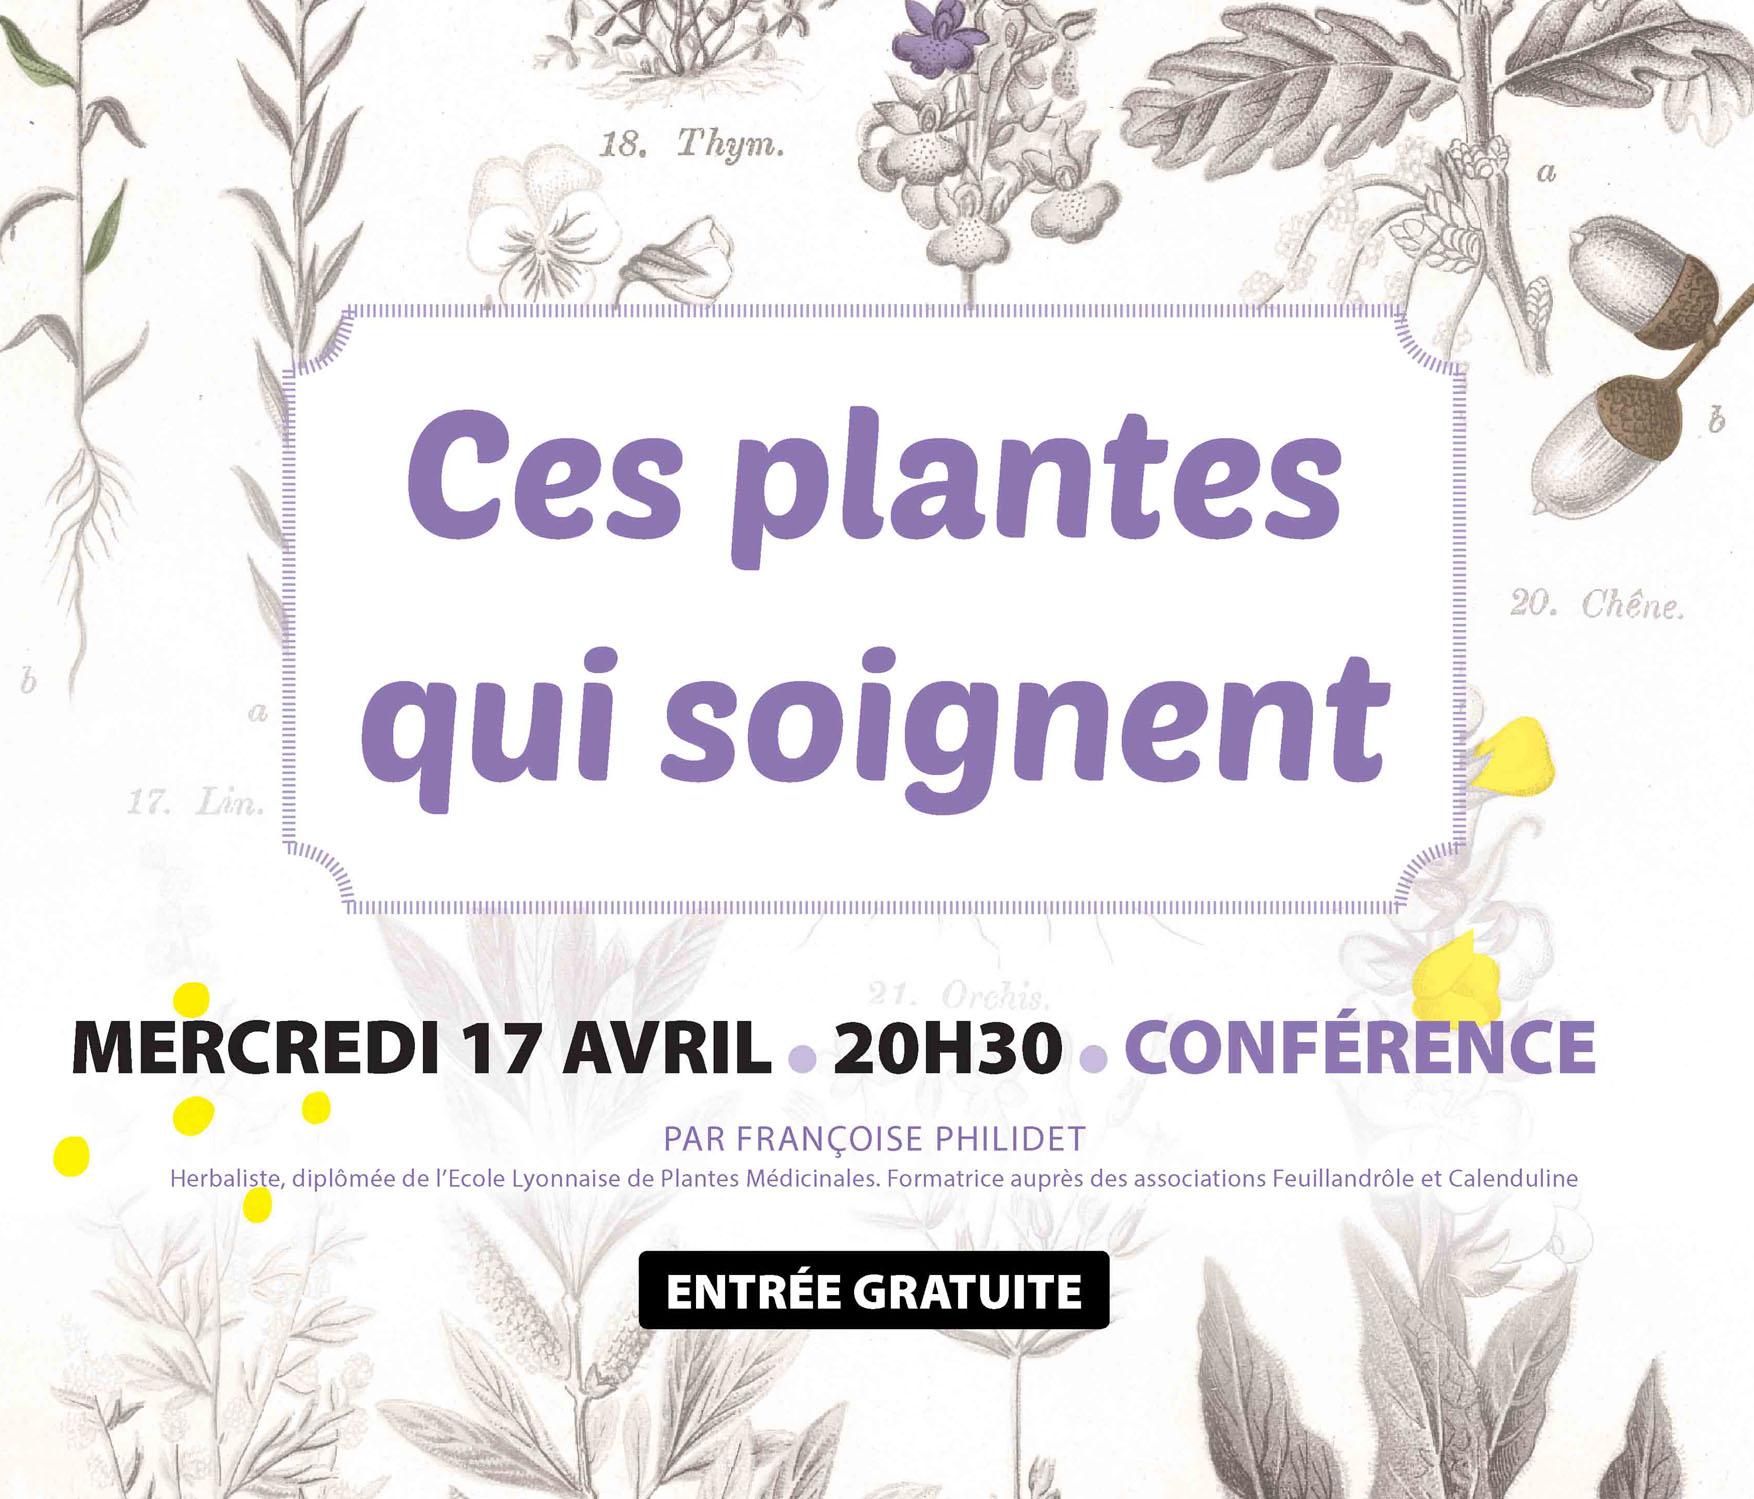 Vignette de la Conférence sur les plantes qui soignent à Biot (81) organisée par le Pnr Haut-Languedoc